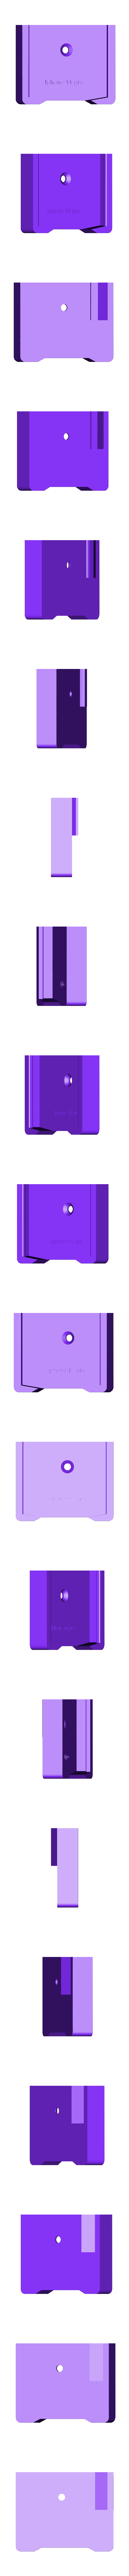 308 holder Support smartphone iphone 11 pro.STL Download STL file Peugeot 308 smartphone support • 3D printer design, C1-concept